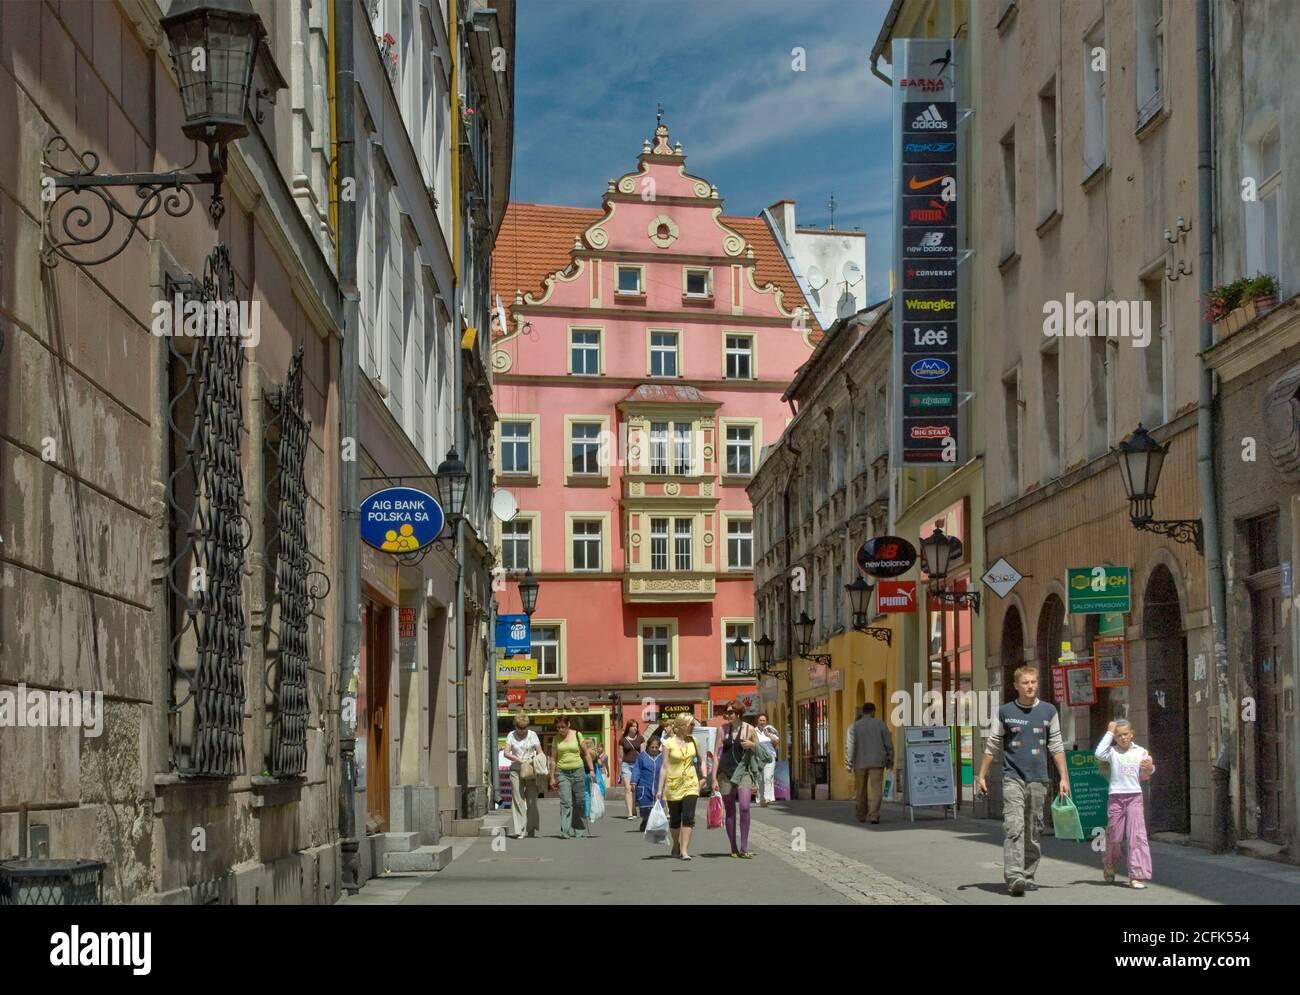 تنتمي المستعمل نقي Converse Poznan City Center Dsvdedommel Com